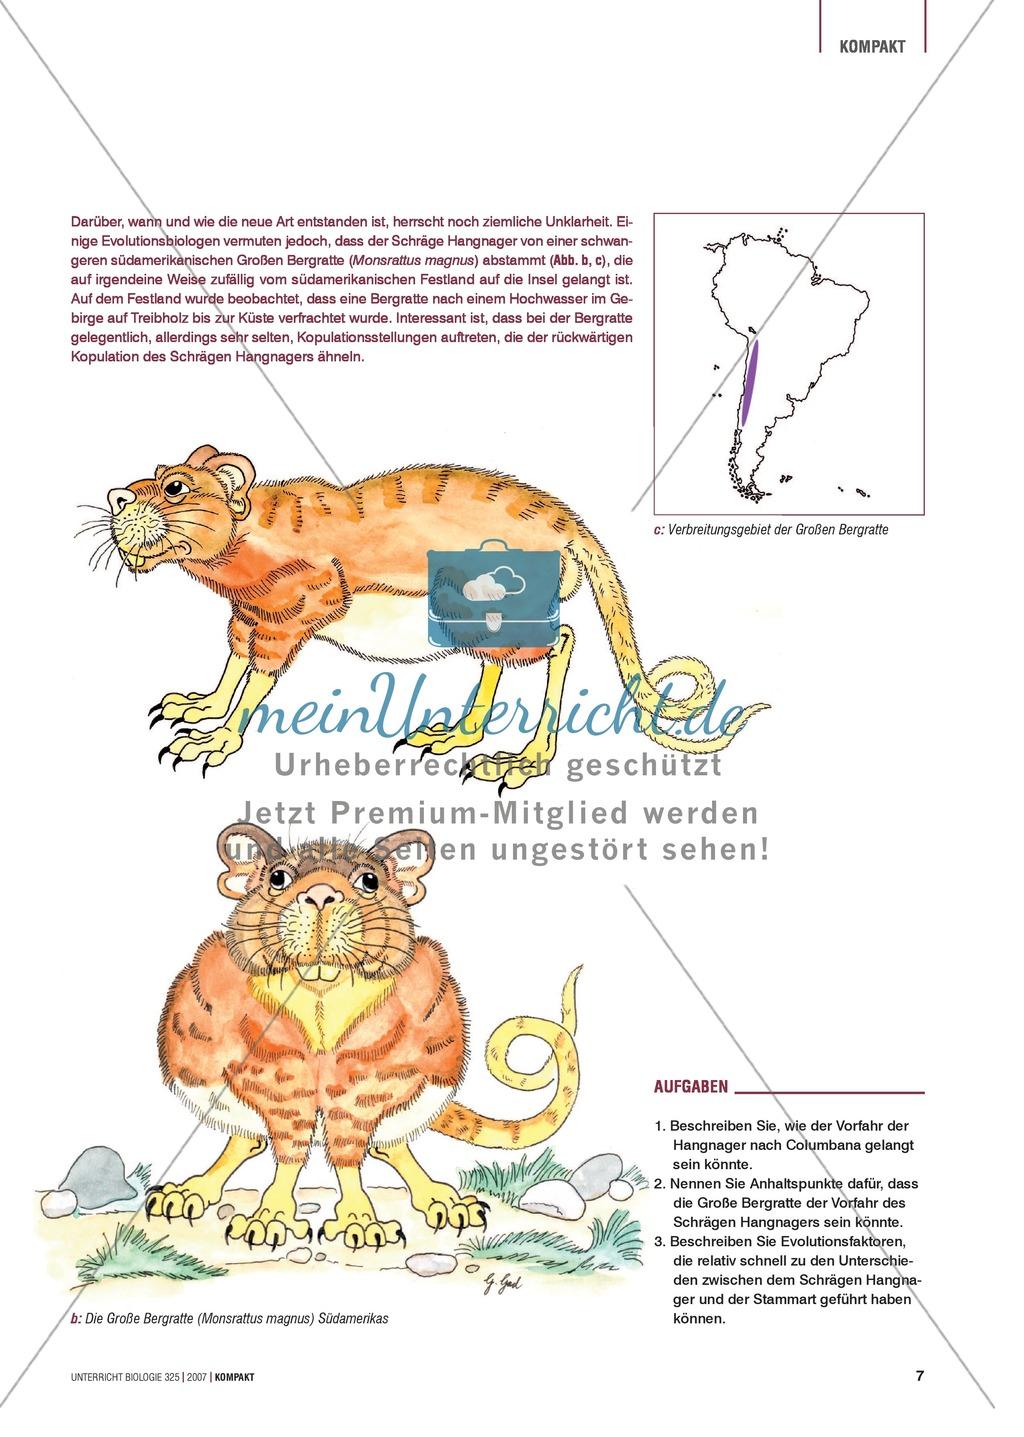 Evolutionsfaktoren: Fortpflanzungsverhalten und Abstammung des ...